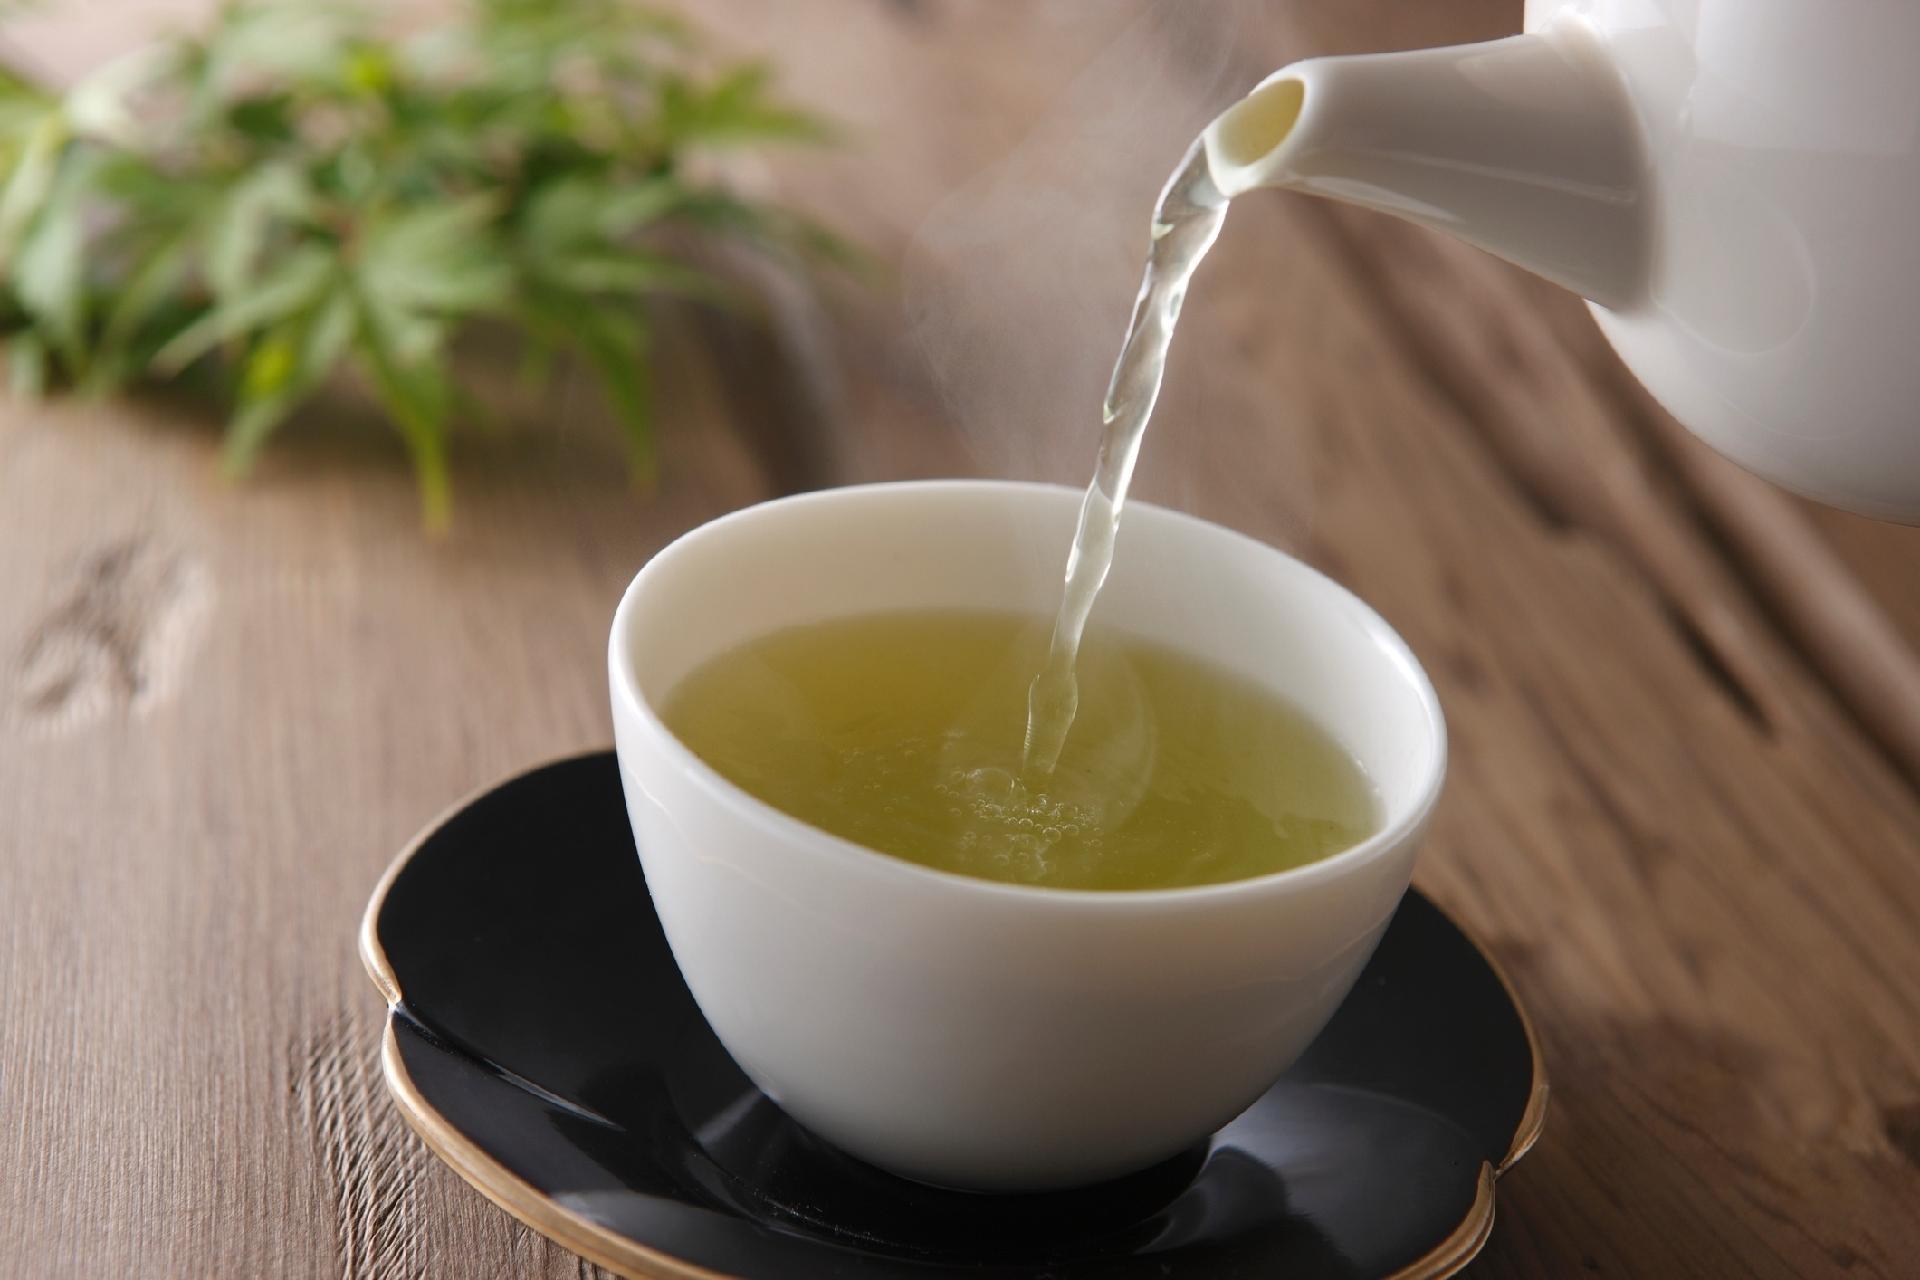 Chá Verde Pode Diminuir A Gordura Corporal E Inflamação (Foto: Istock)